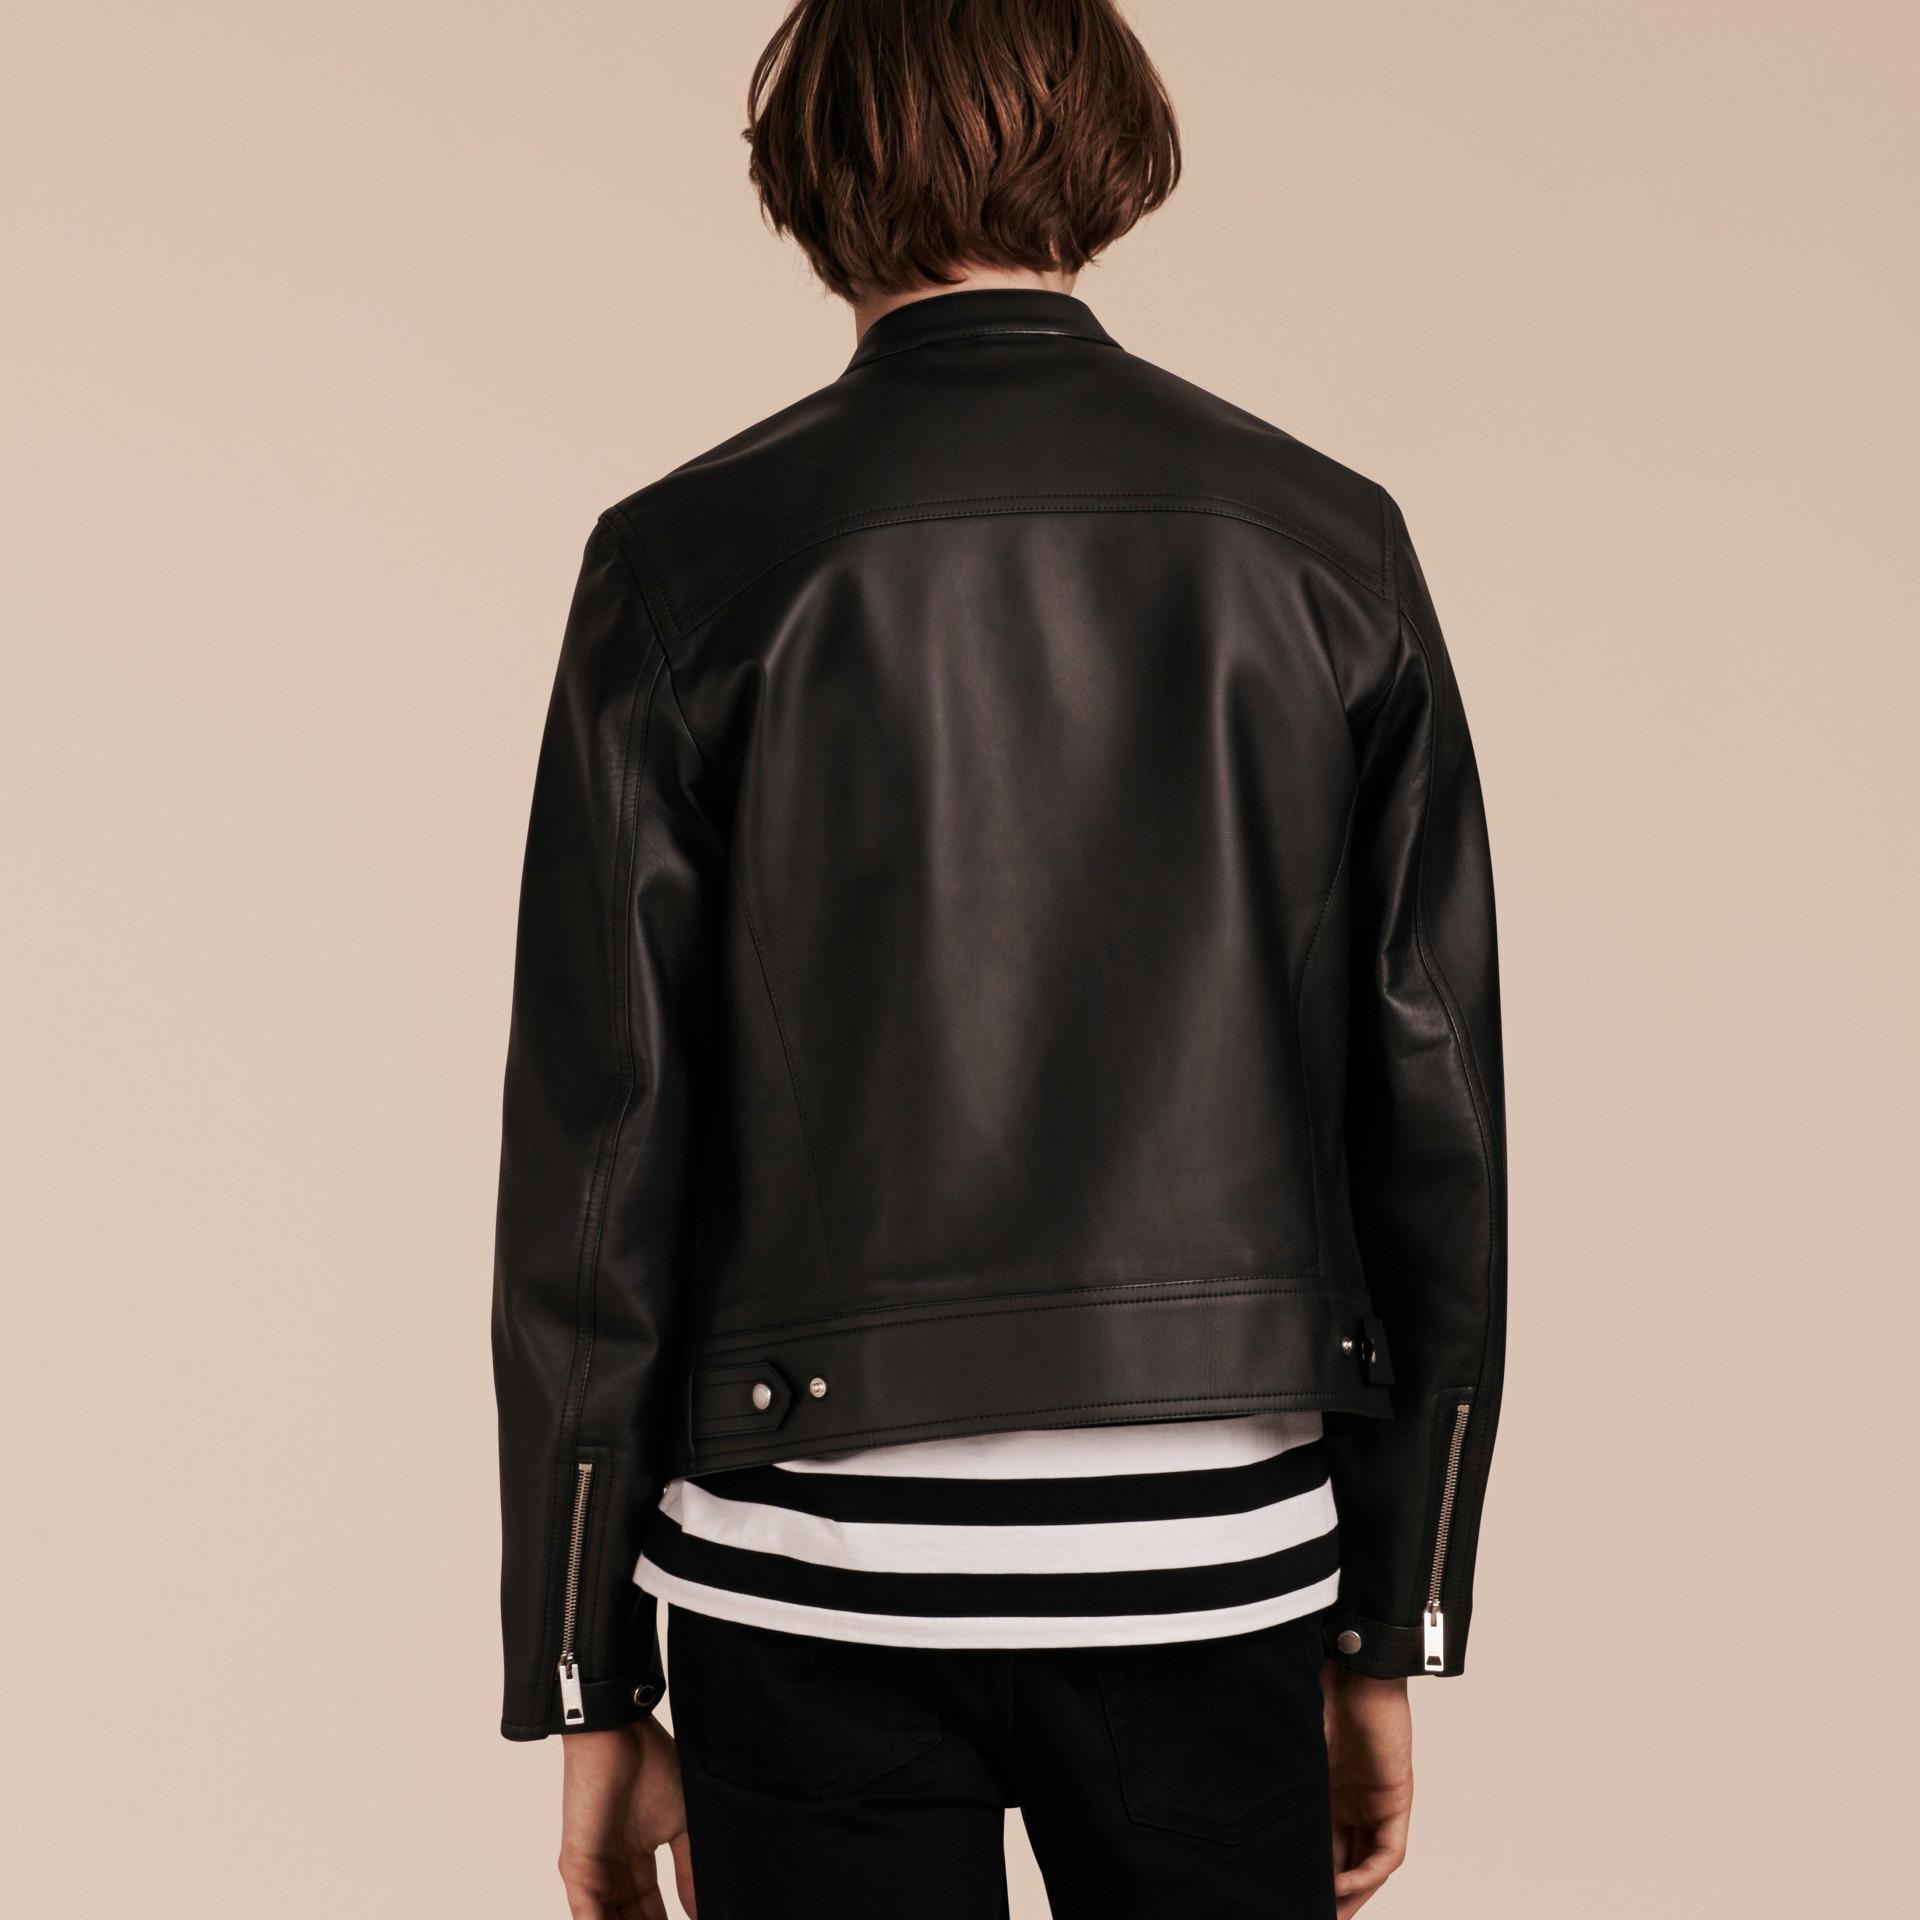 Черный Байкерская куртка из кожи ягненка - изображение 3